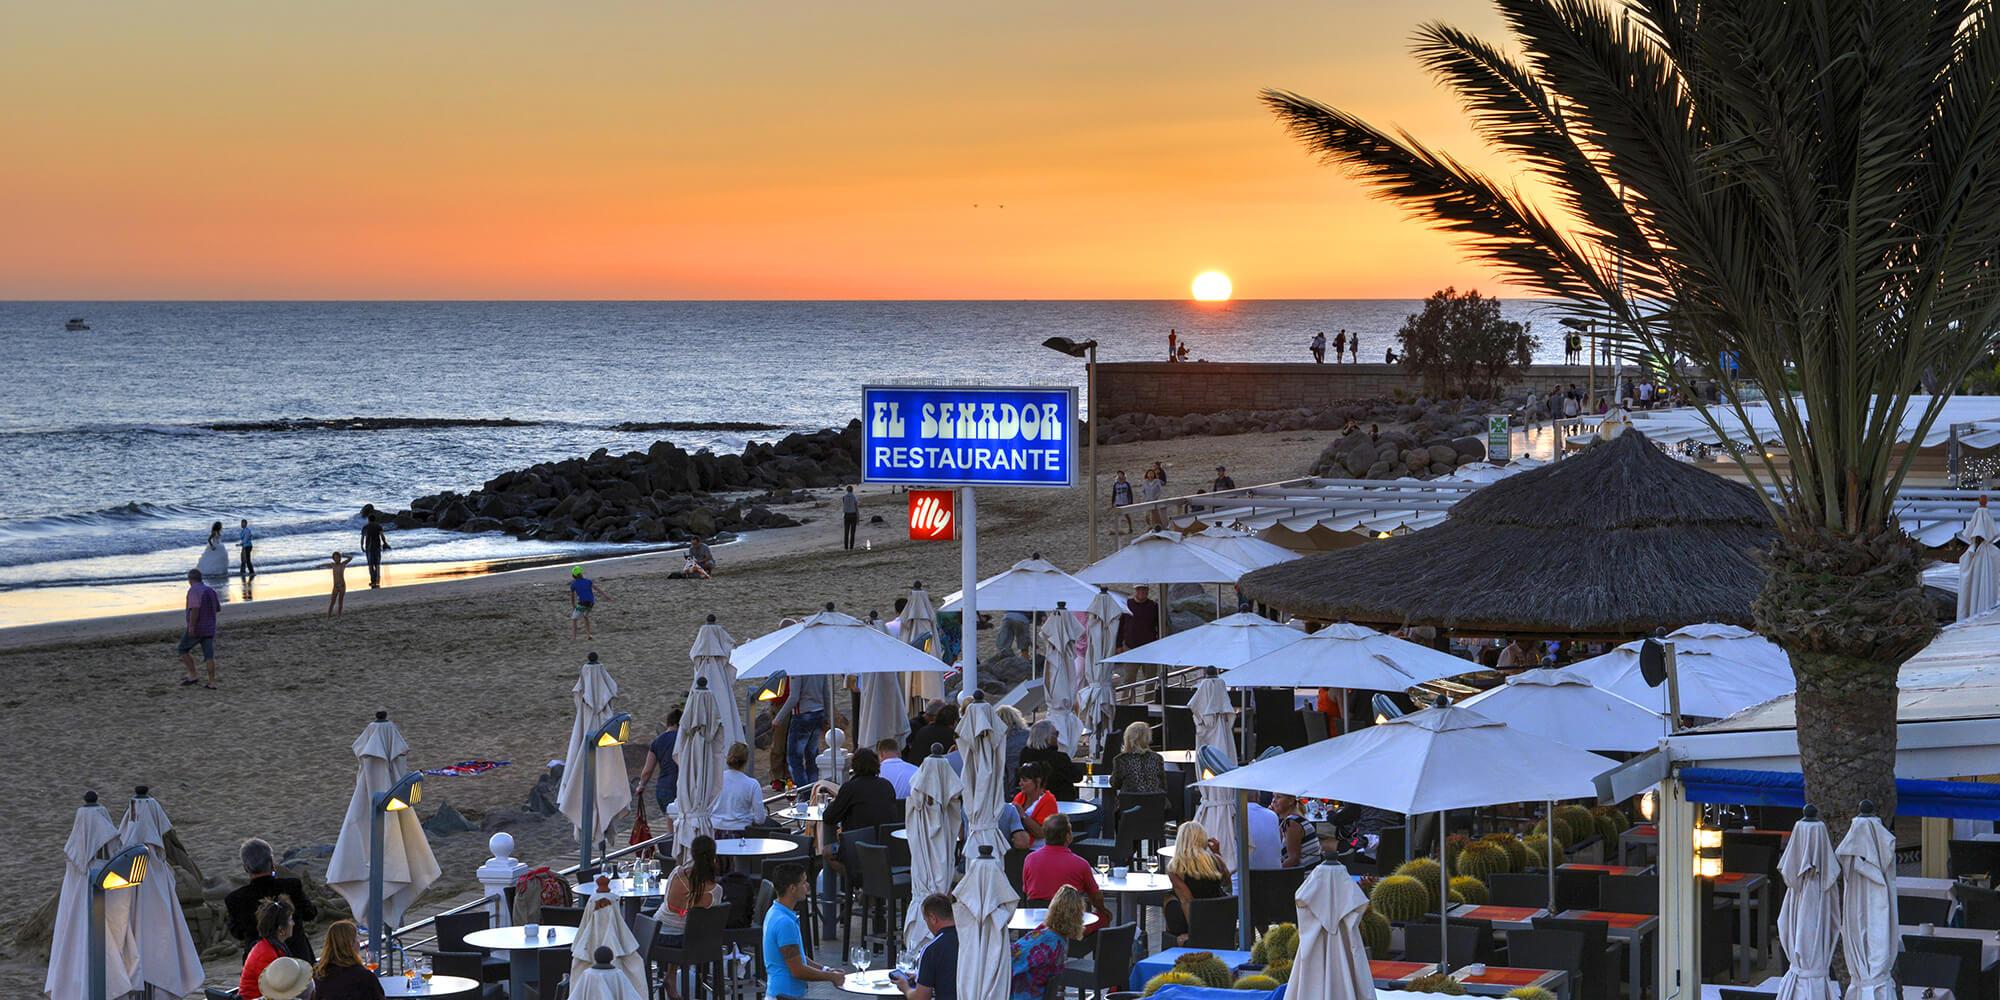 GranCanariaFoto-Faro-Maspalomas-Sonnenuntergang-El-Senador-Dirk-Holst-DHSTUDIO-169